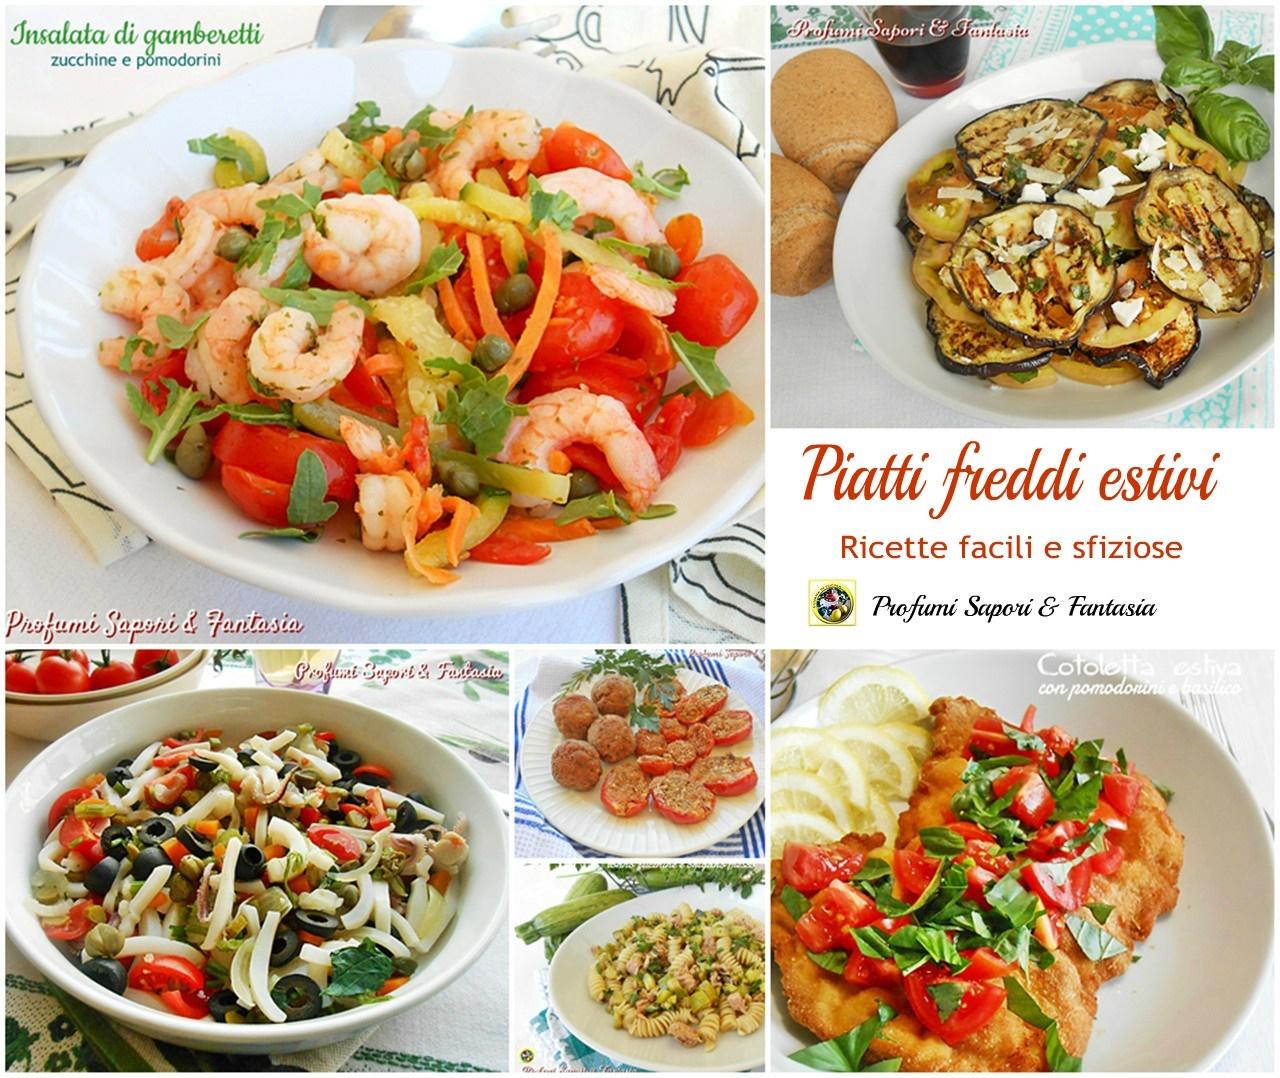 Piatti Freddi Veloci Da Asporto piatti freddi estivi ricette facili e sfiziose - profumi